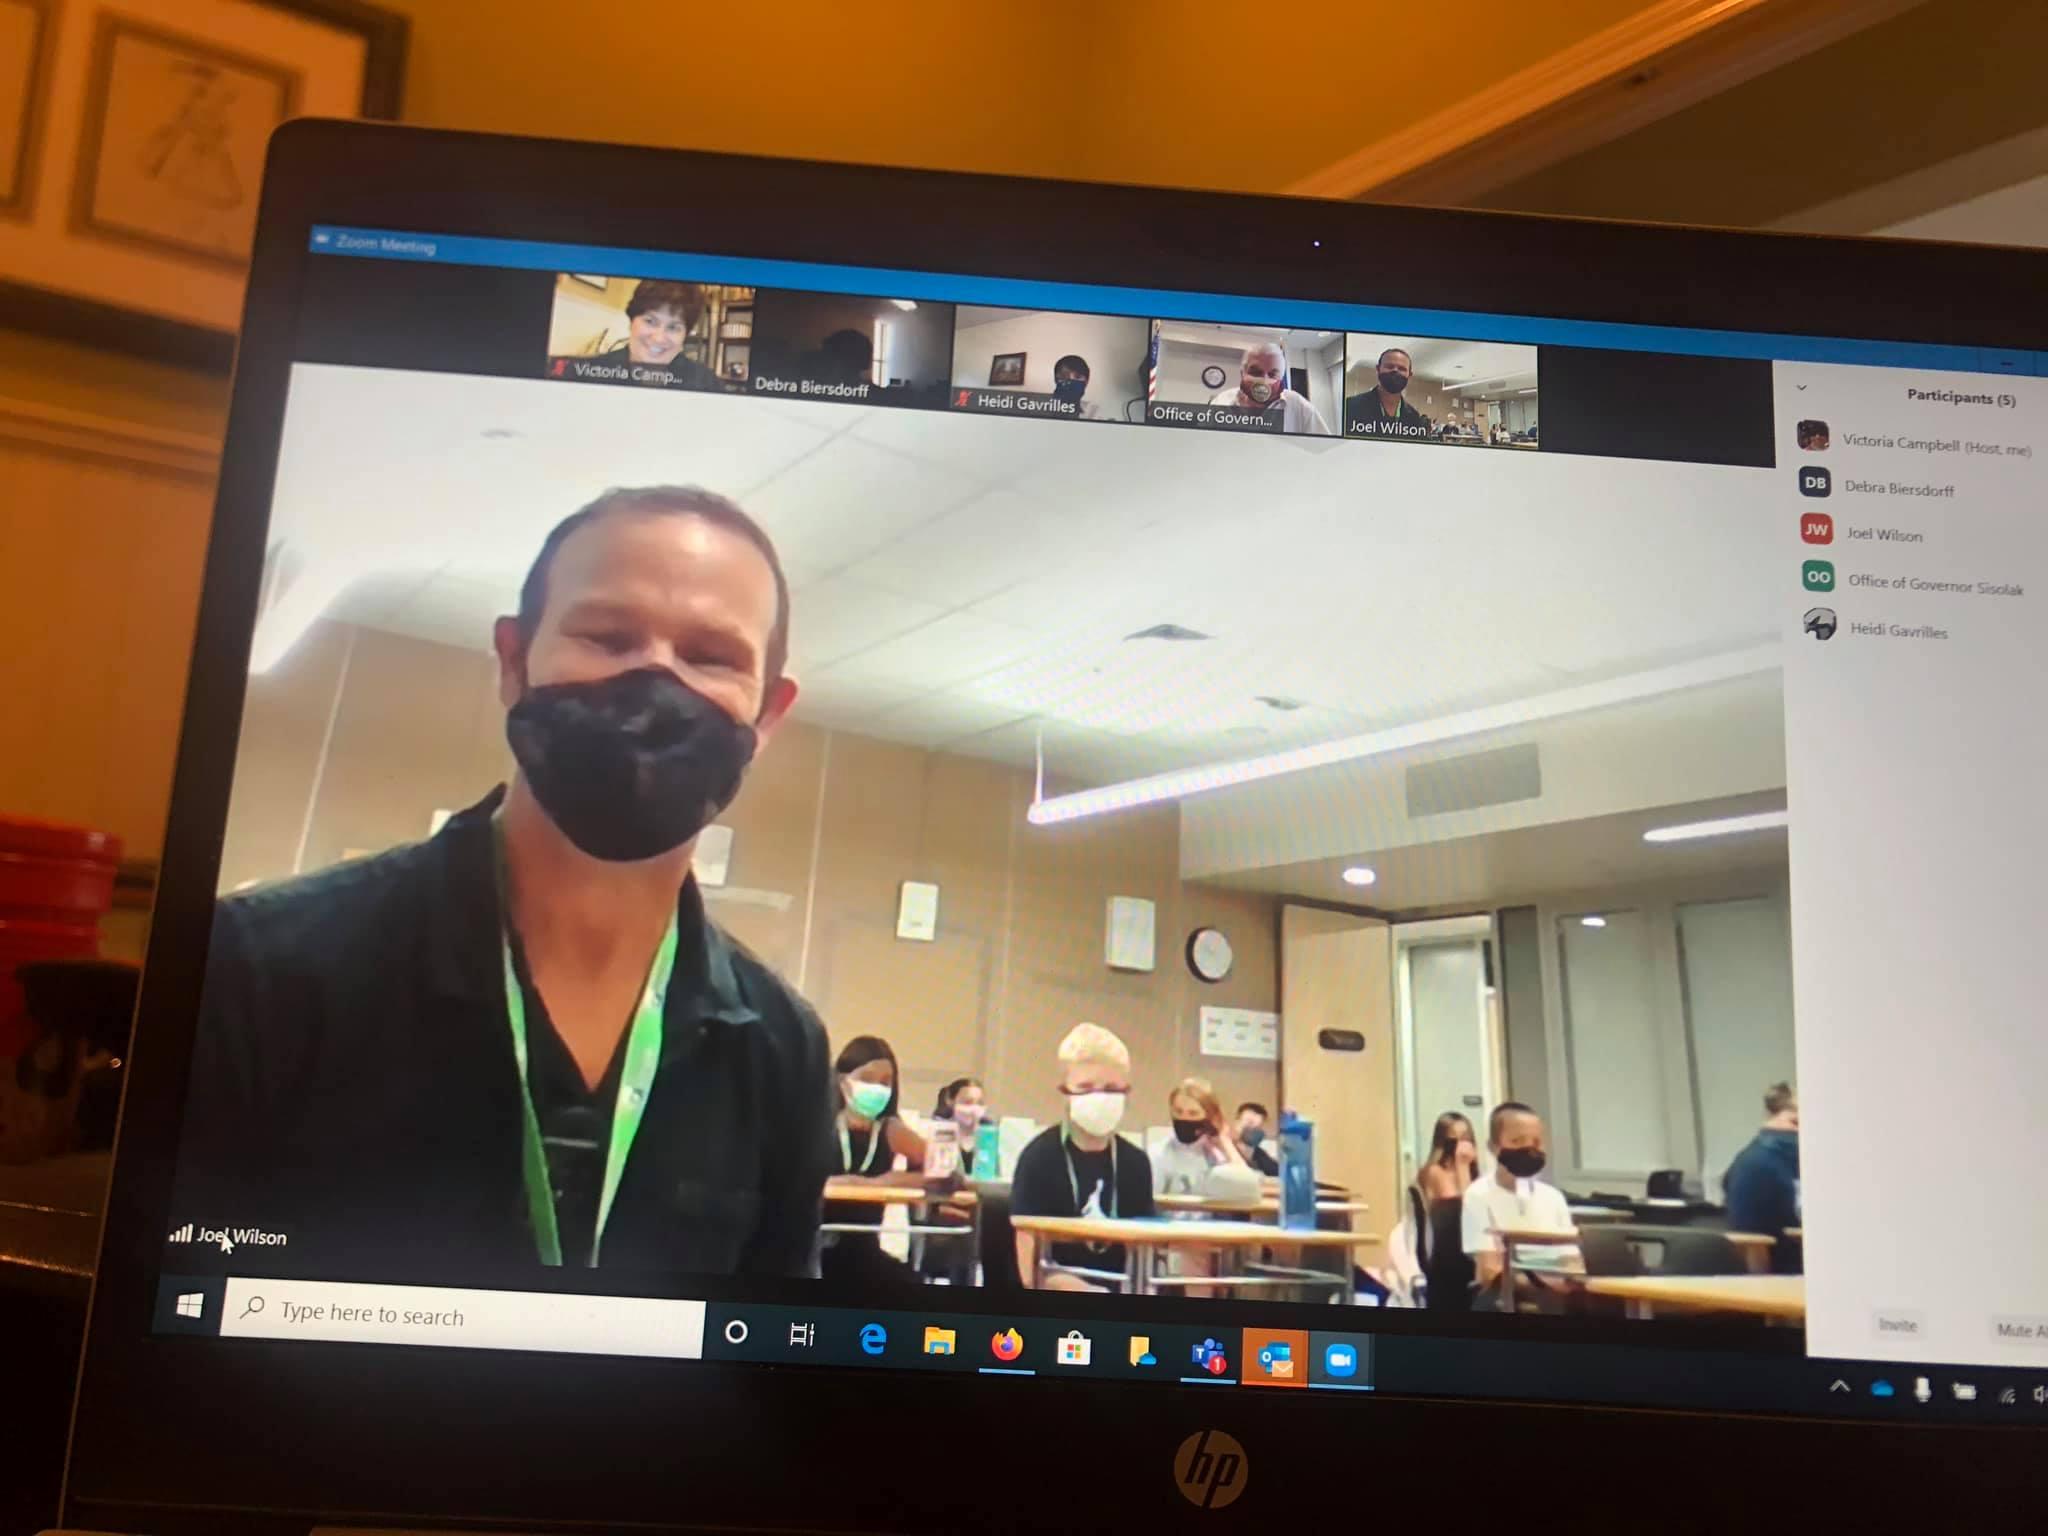 Maestro con máscara se puede ver por pantalla. Detrás tiene una clase de estudiantes también portando tapabocas.